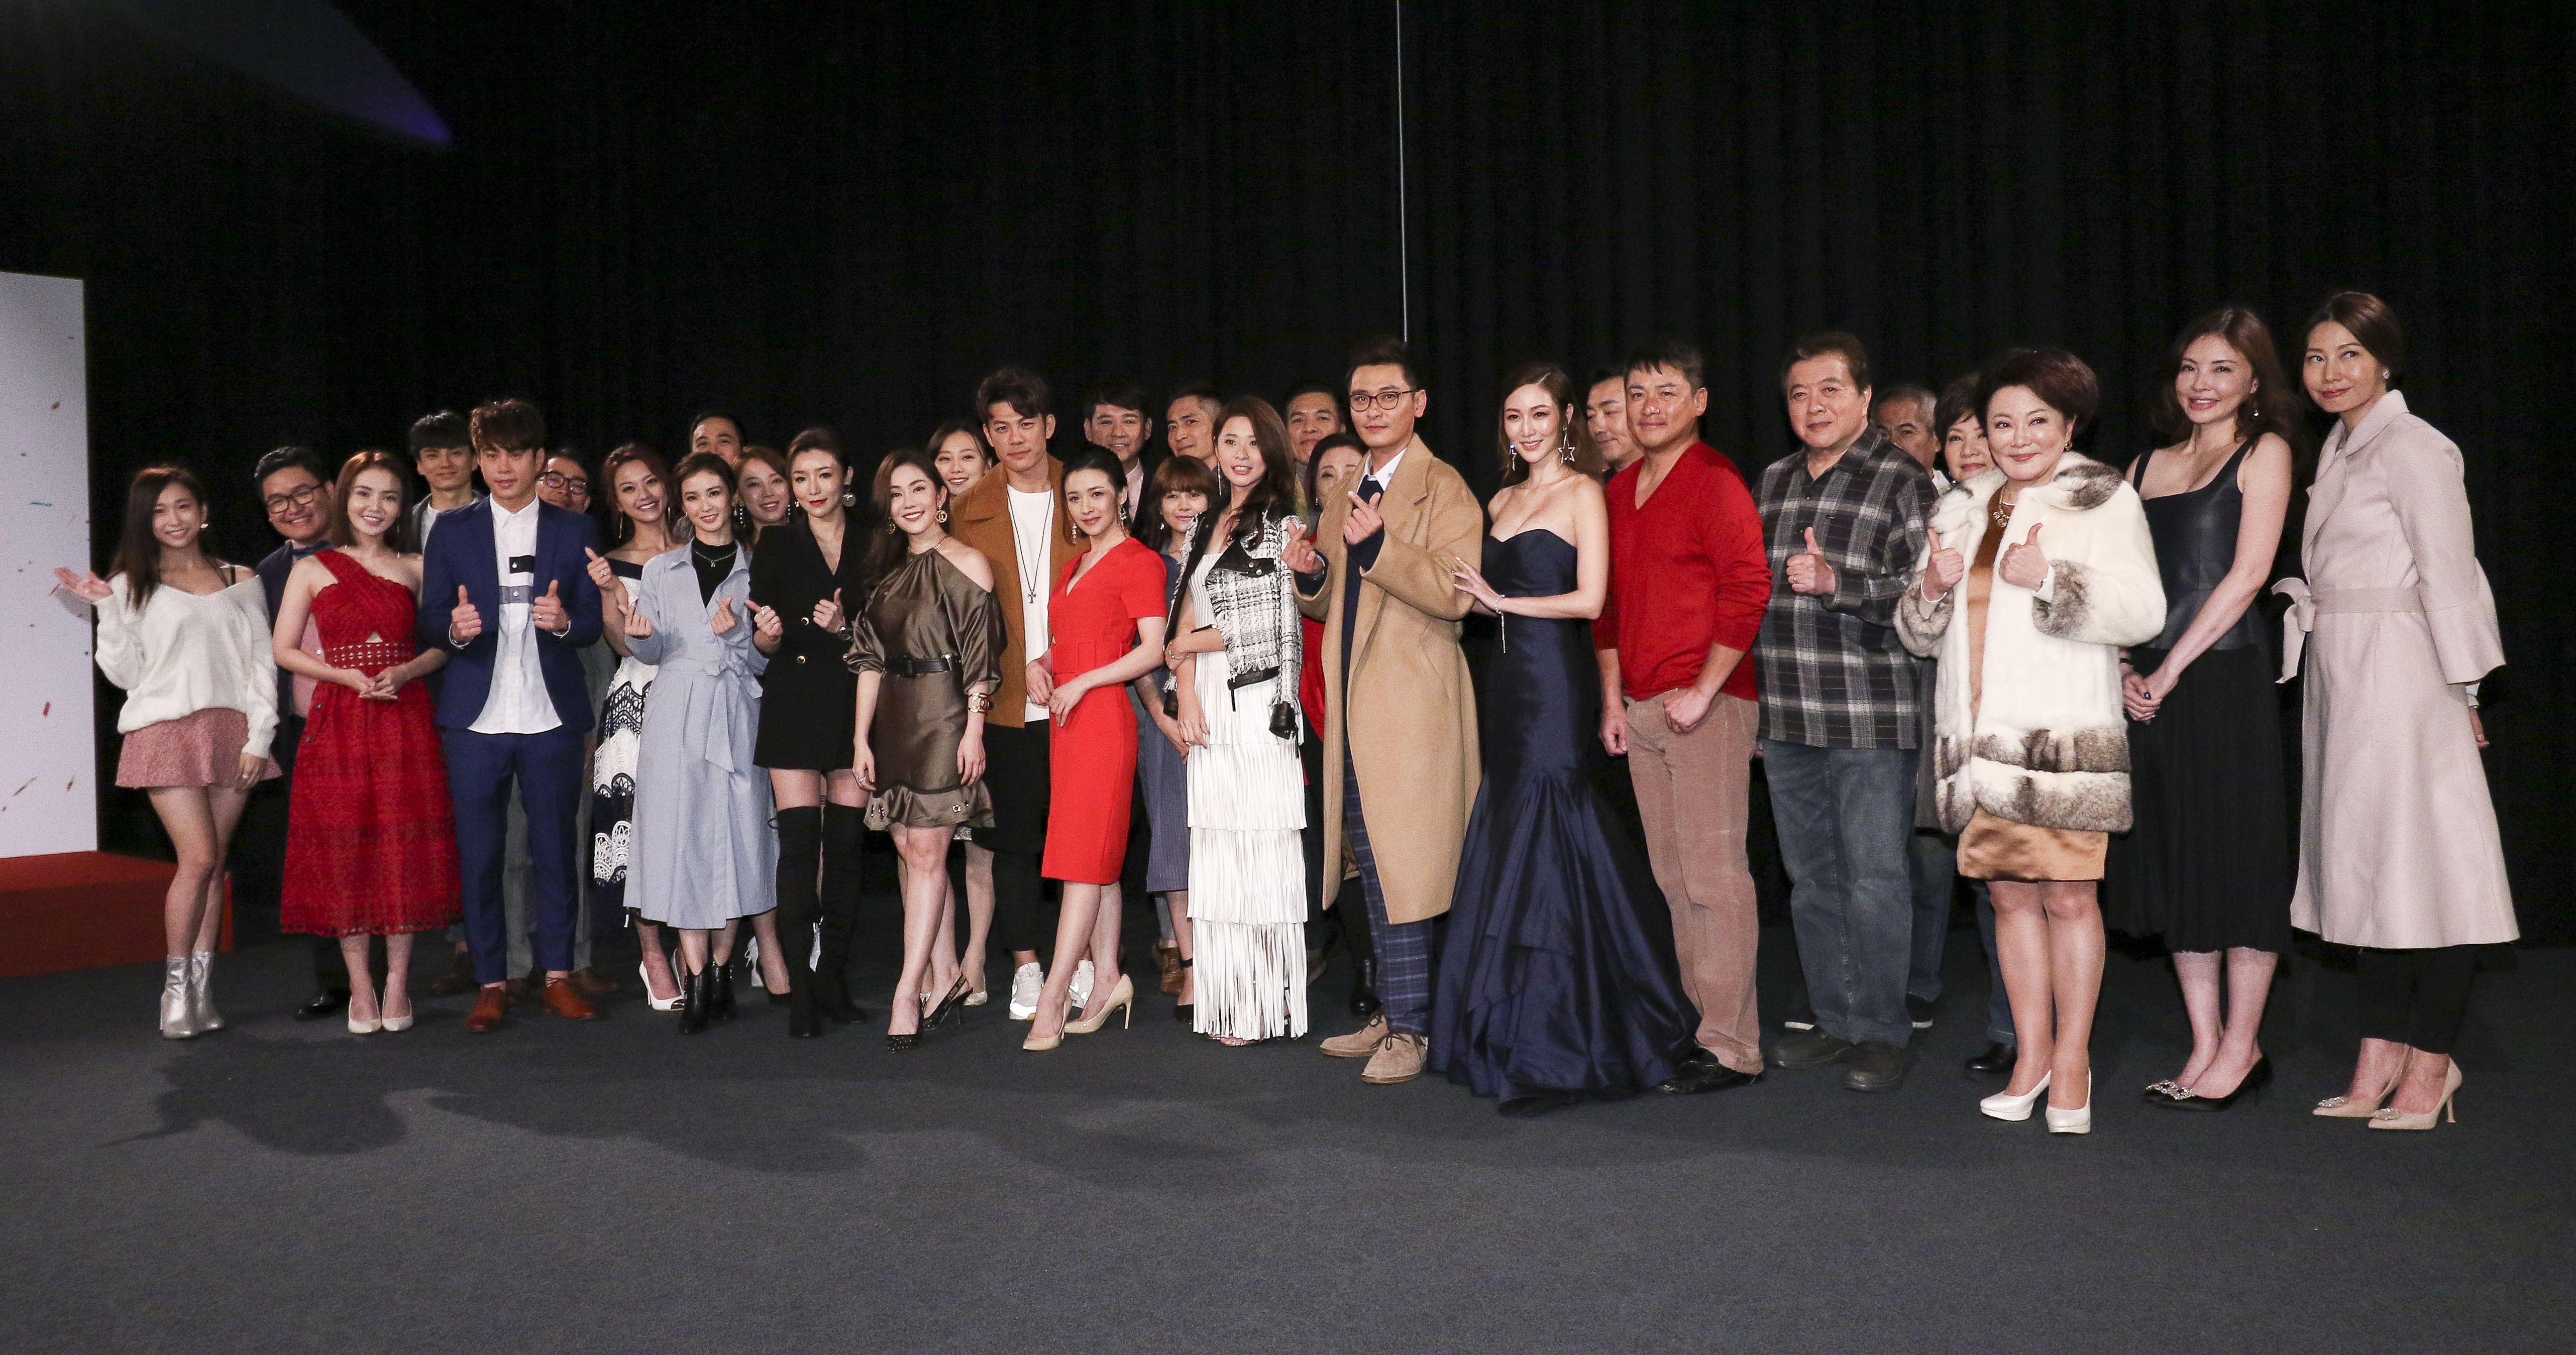 三立新八點台劇「炮仔聲」首映會,全體演員合照。(記者林士傑/攝影)